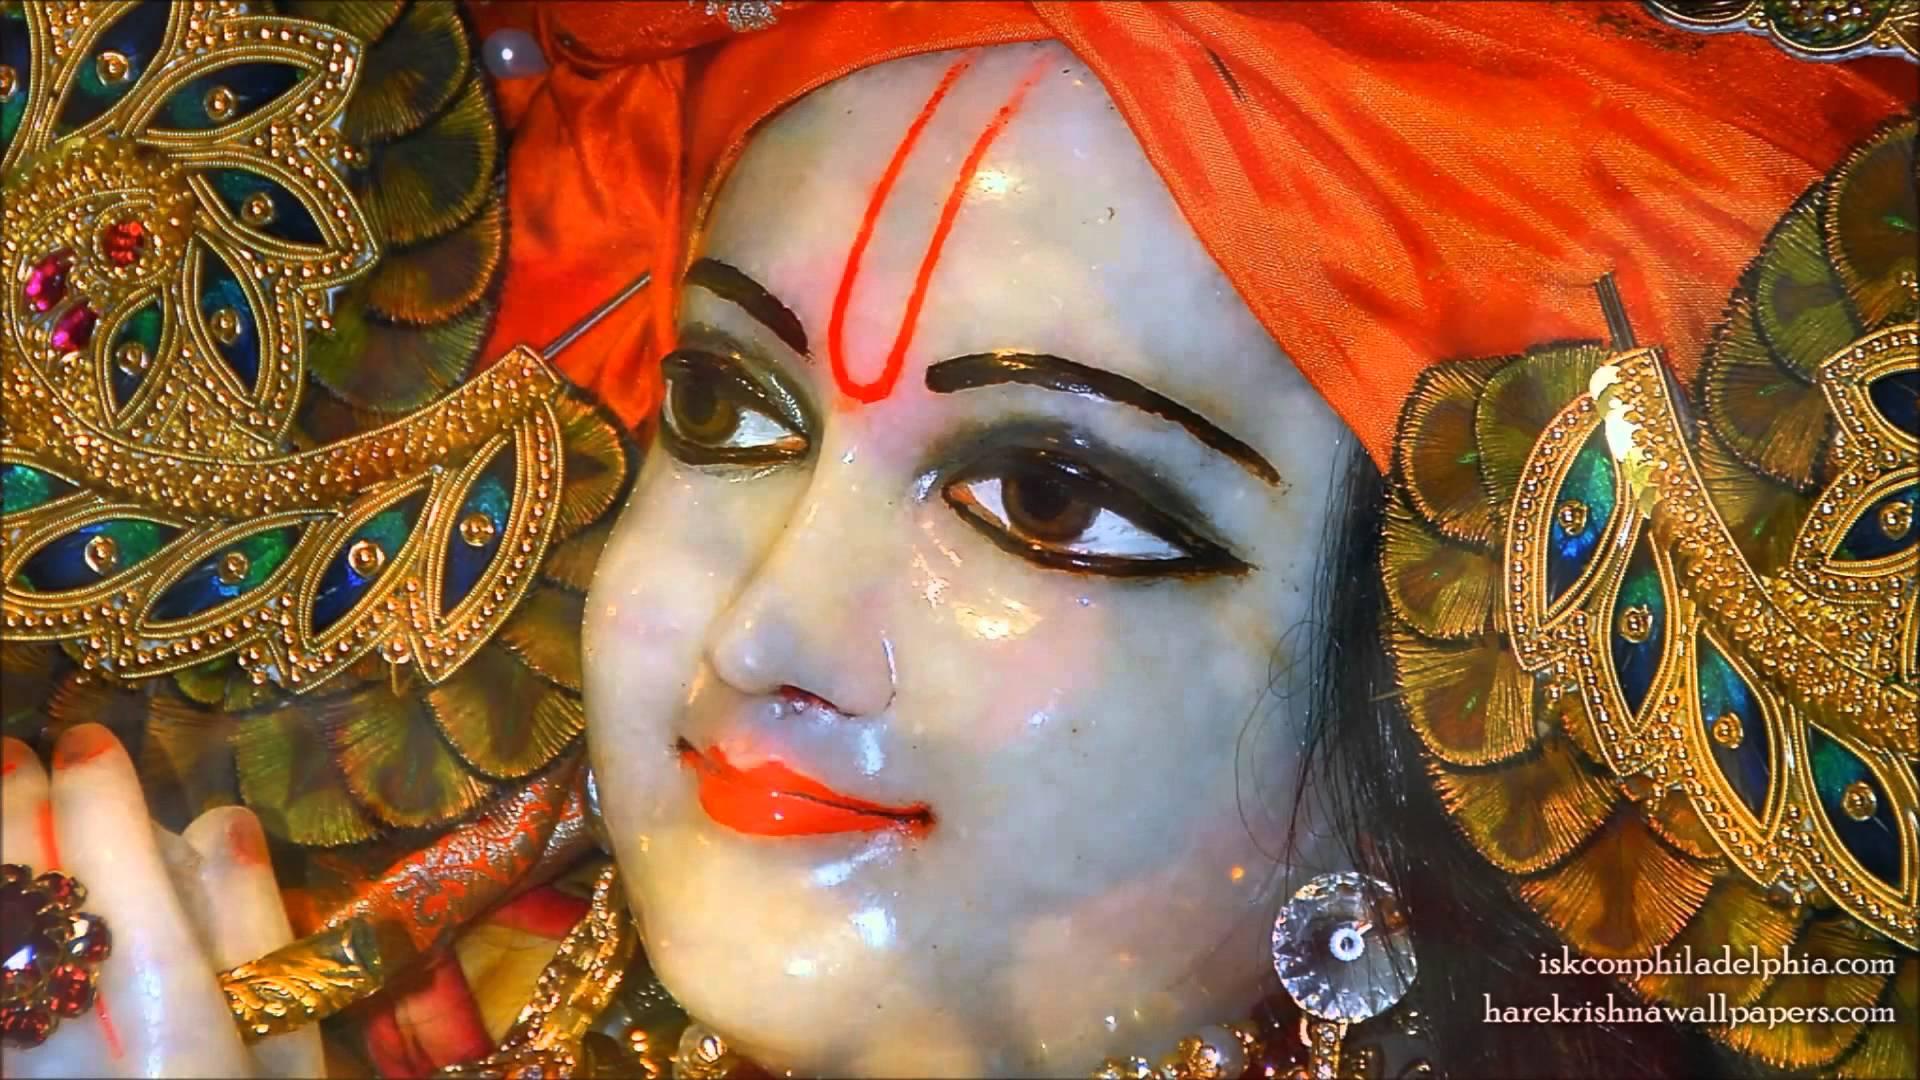 sri sri radha krishna sri jagannath baladev subhadra iskcon